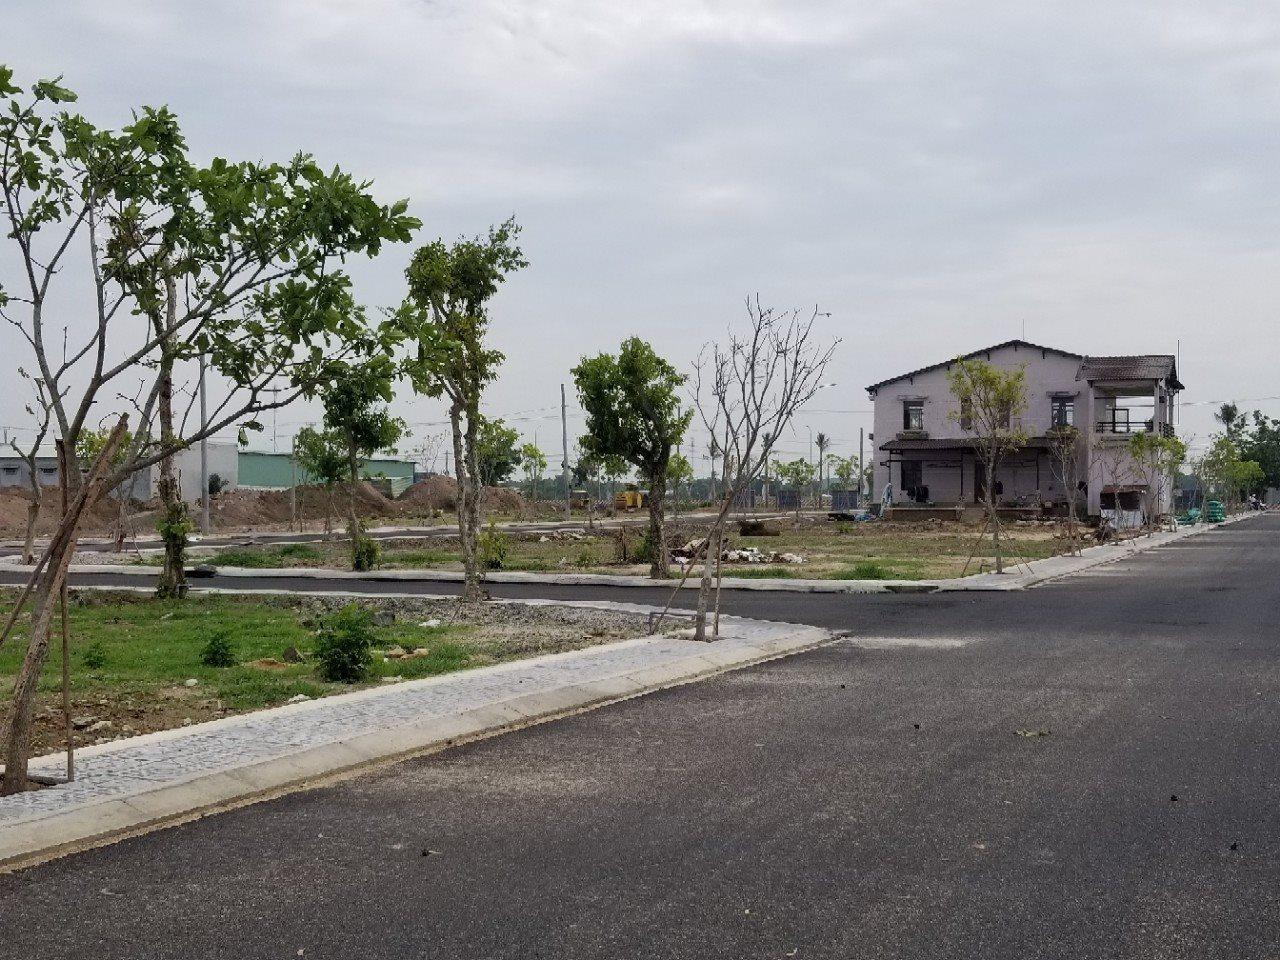 Thực tế hiện trạng triển khai dự án khu dân cư Golden Central Park